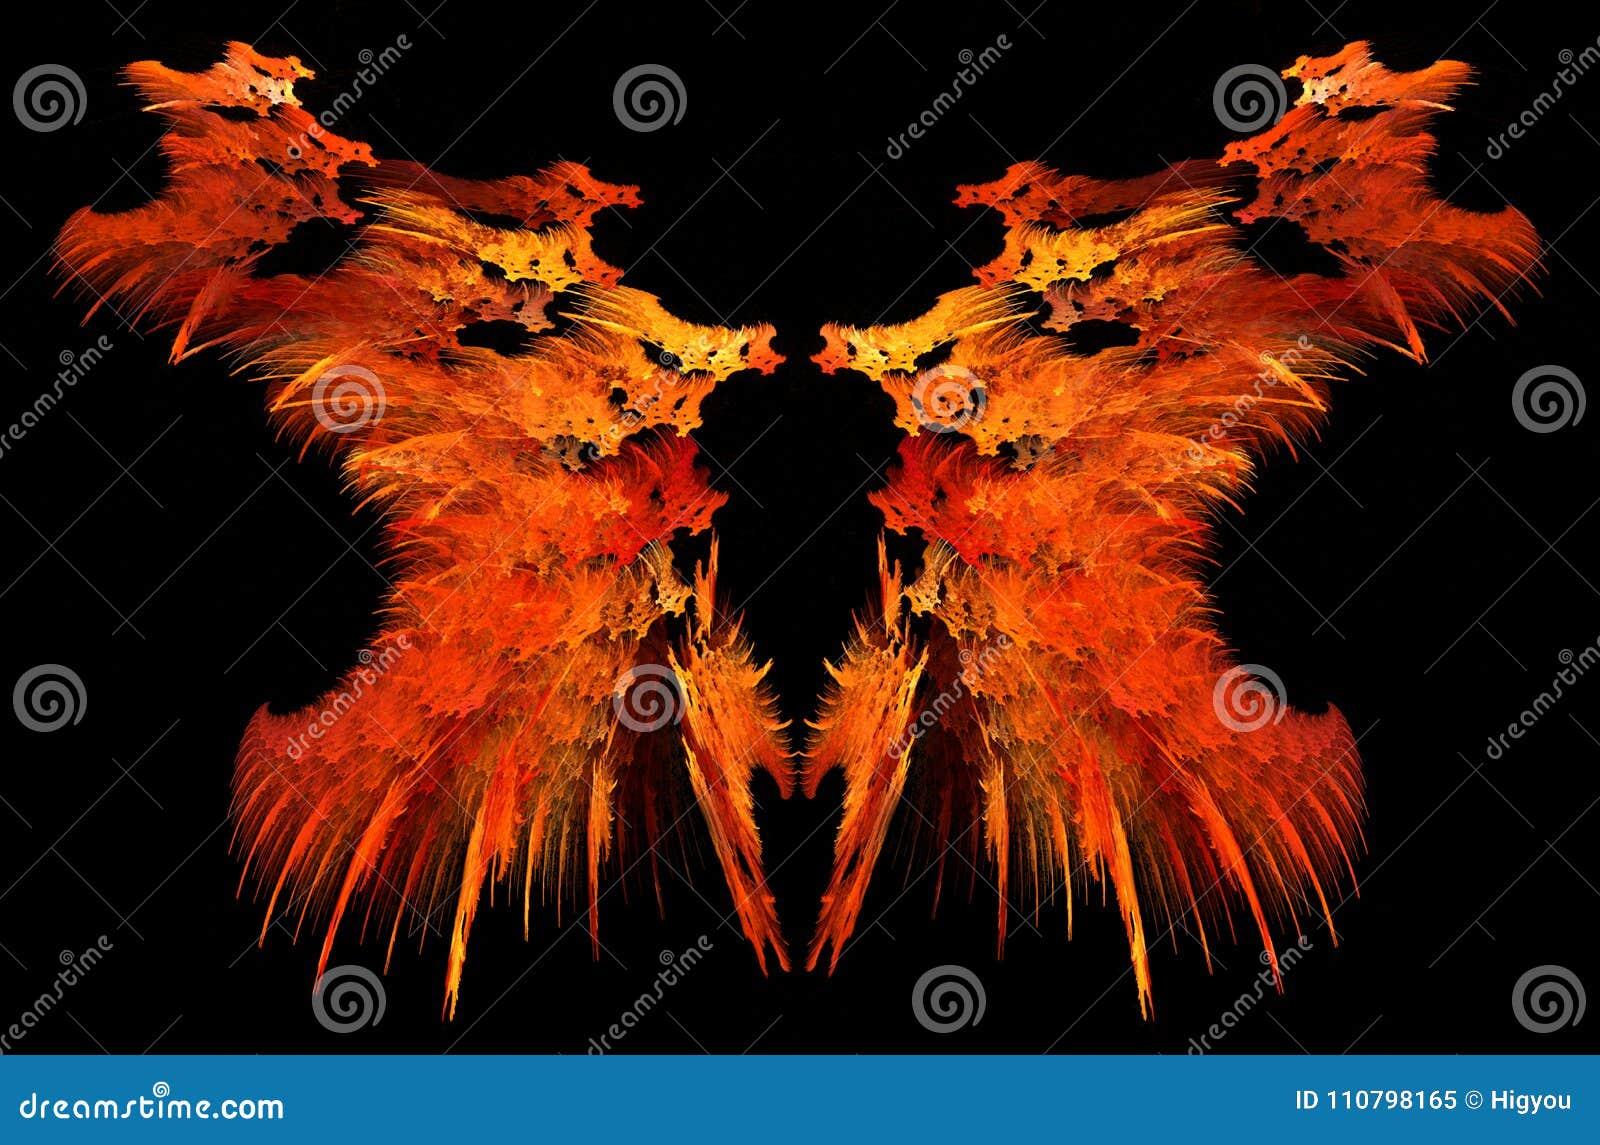 Konstigt spegelförsett abstrakt begrepp för flamma